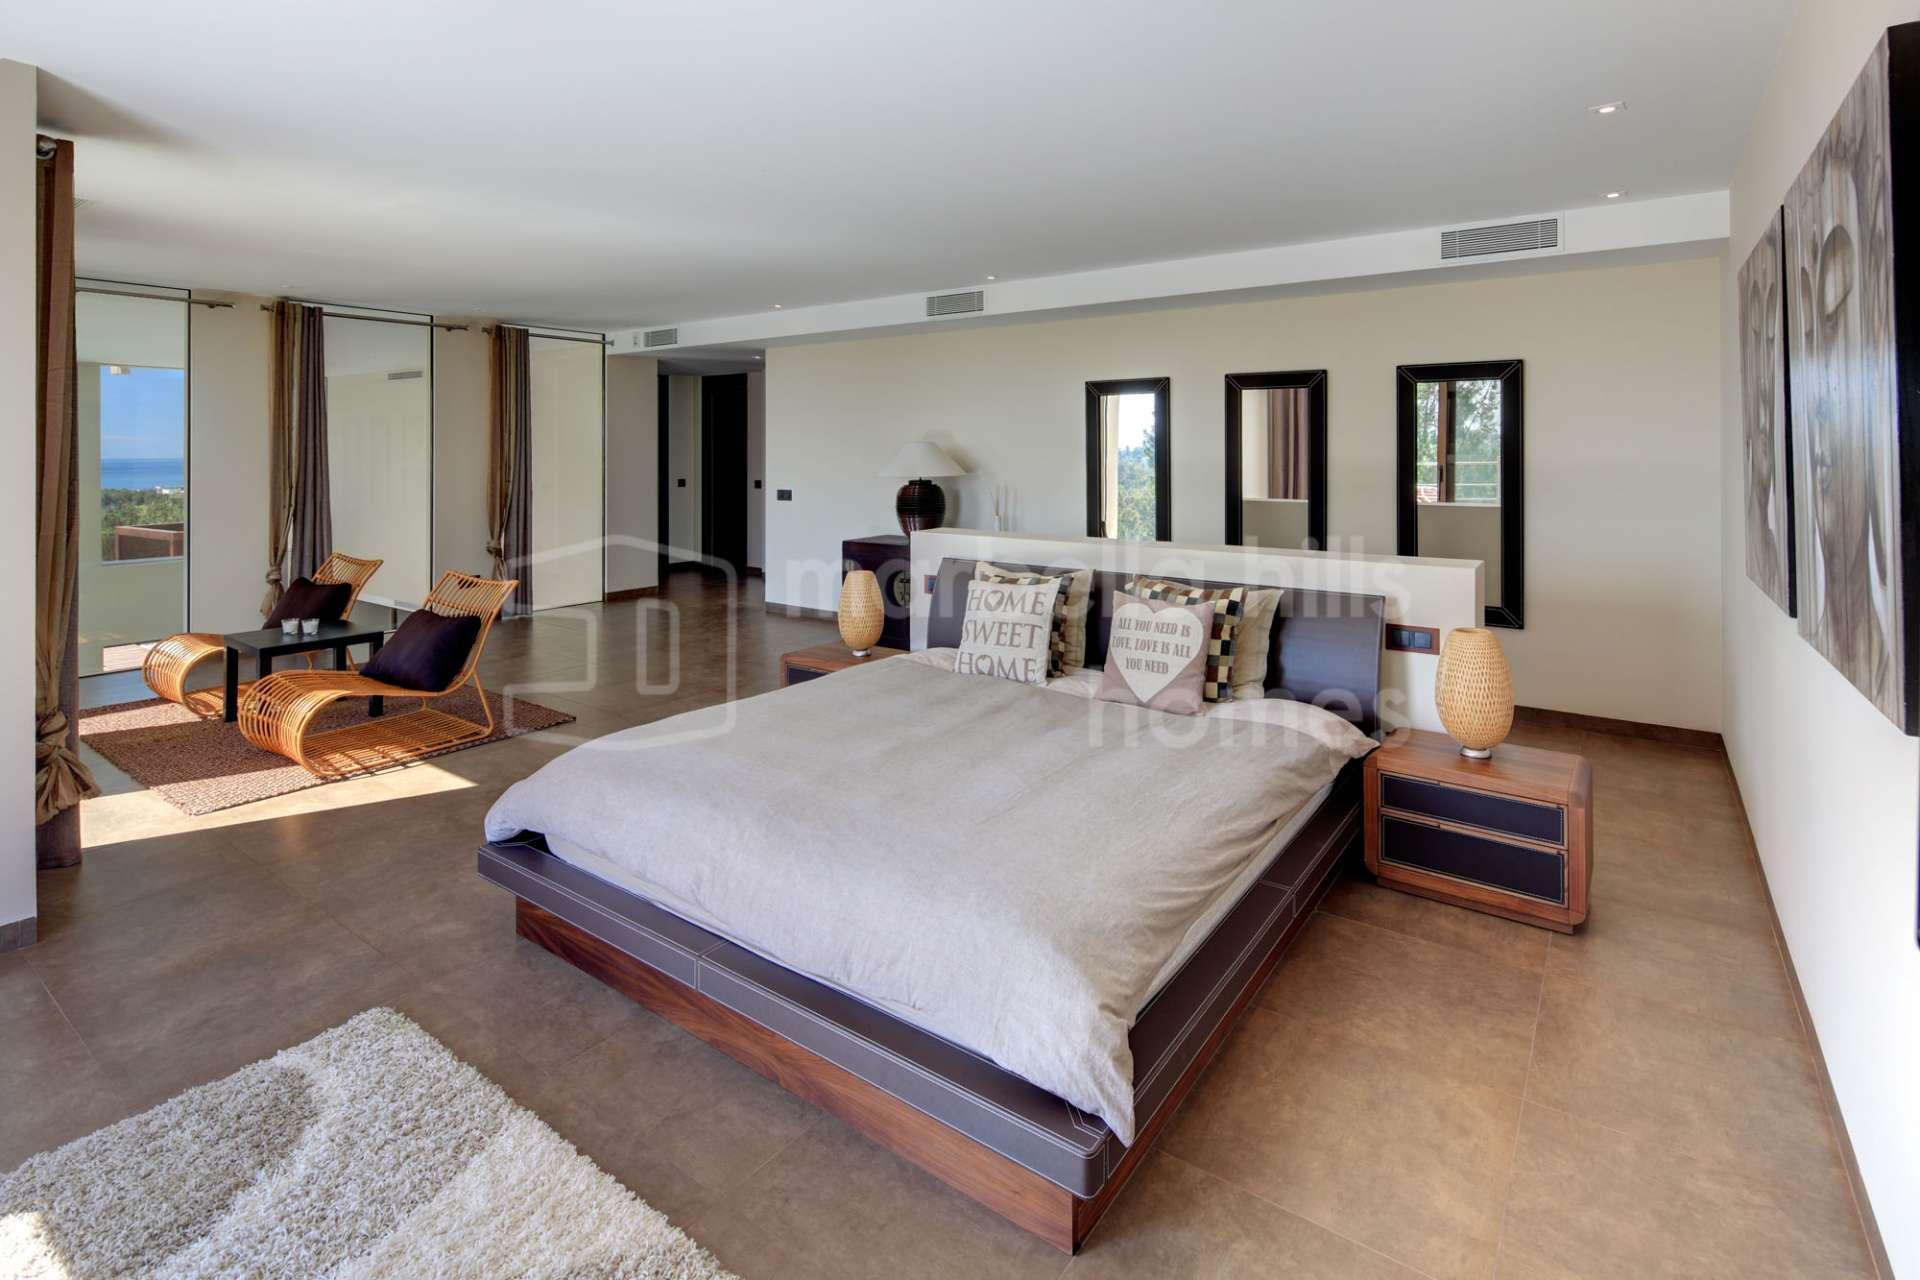 Afrika Schlafzimmer | Schlafzimmer Farblich Gestalten Grau Ikea Flanell